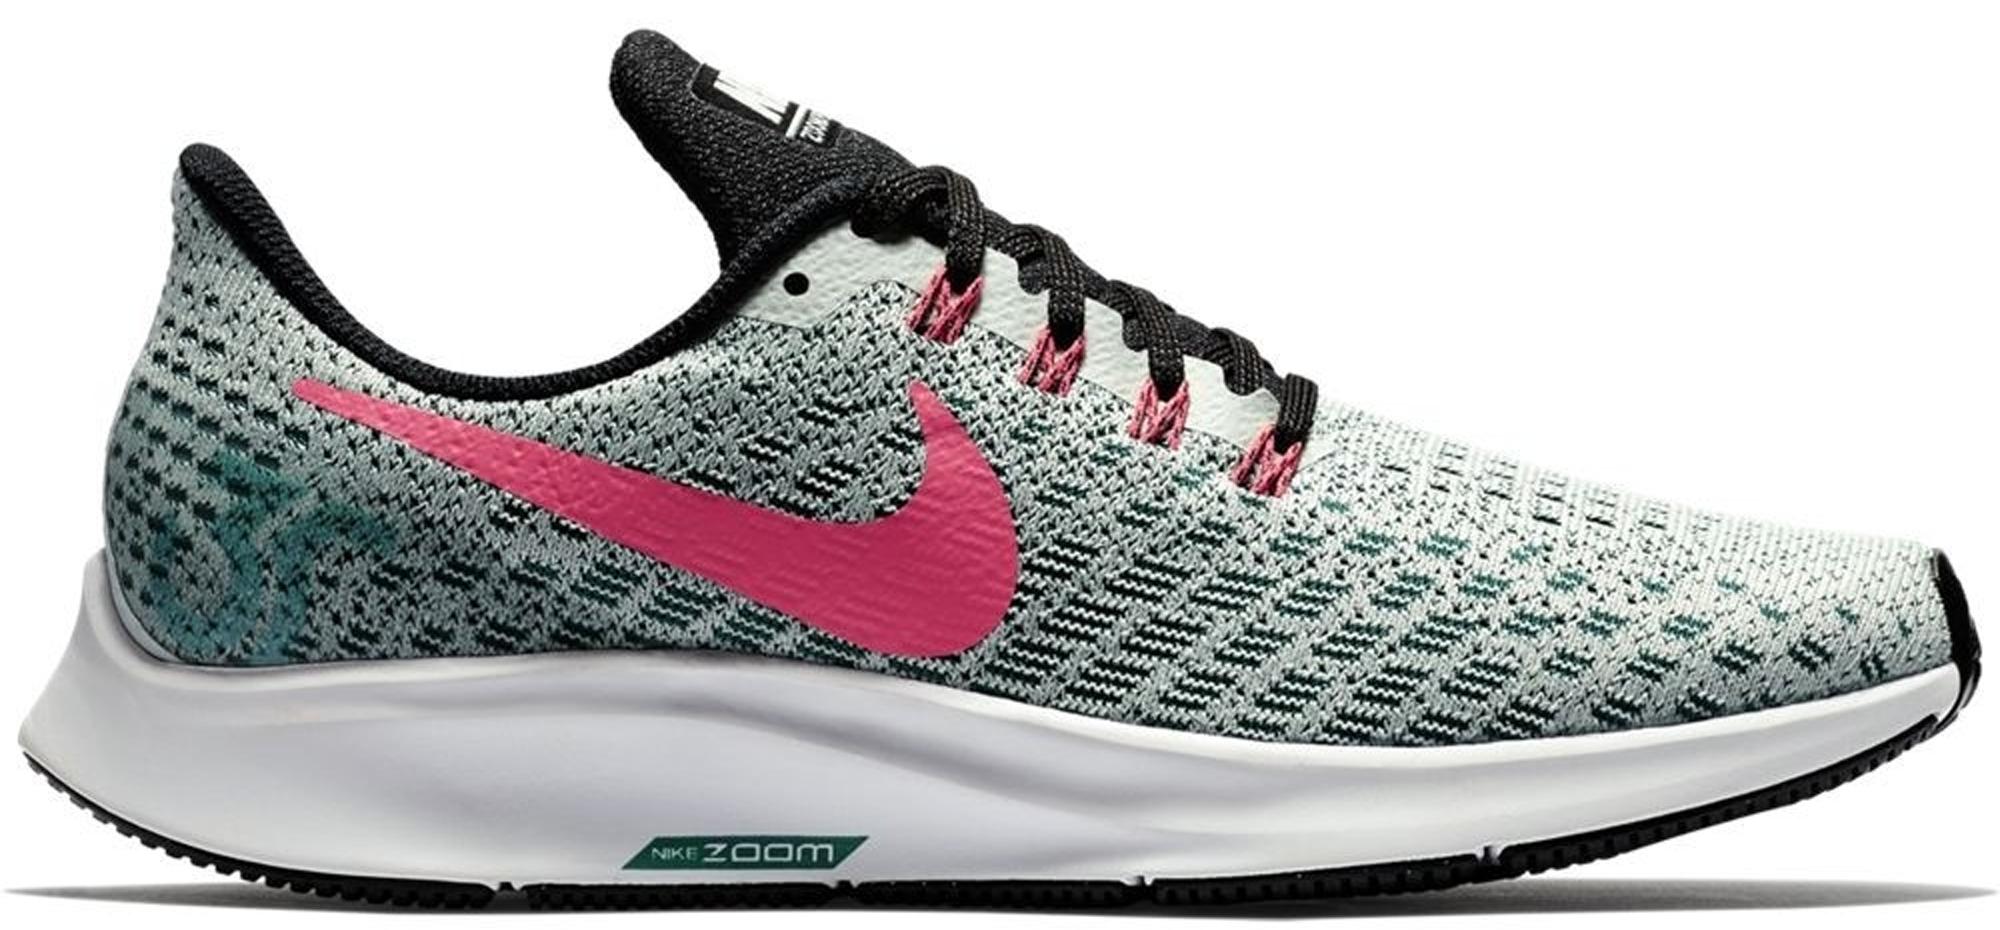 Nike Air Zoom Pegasus 35 Geode Teal